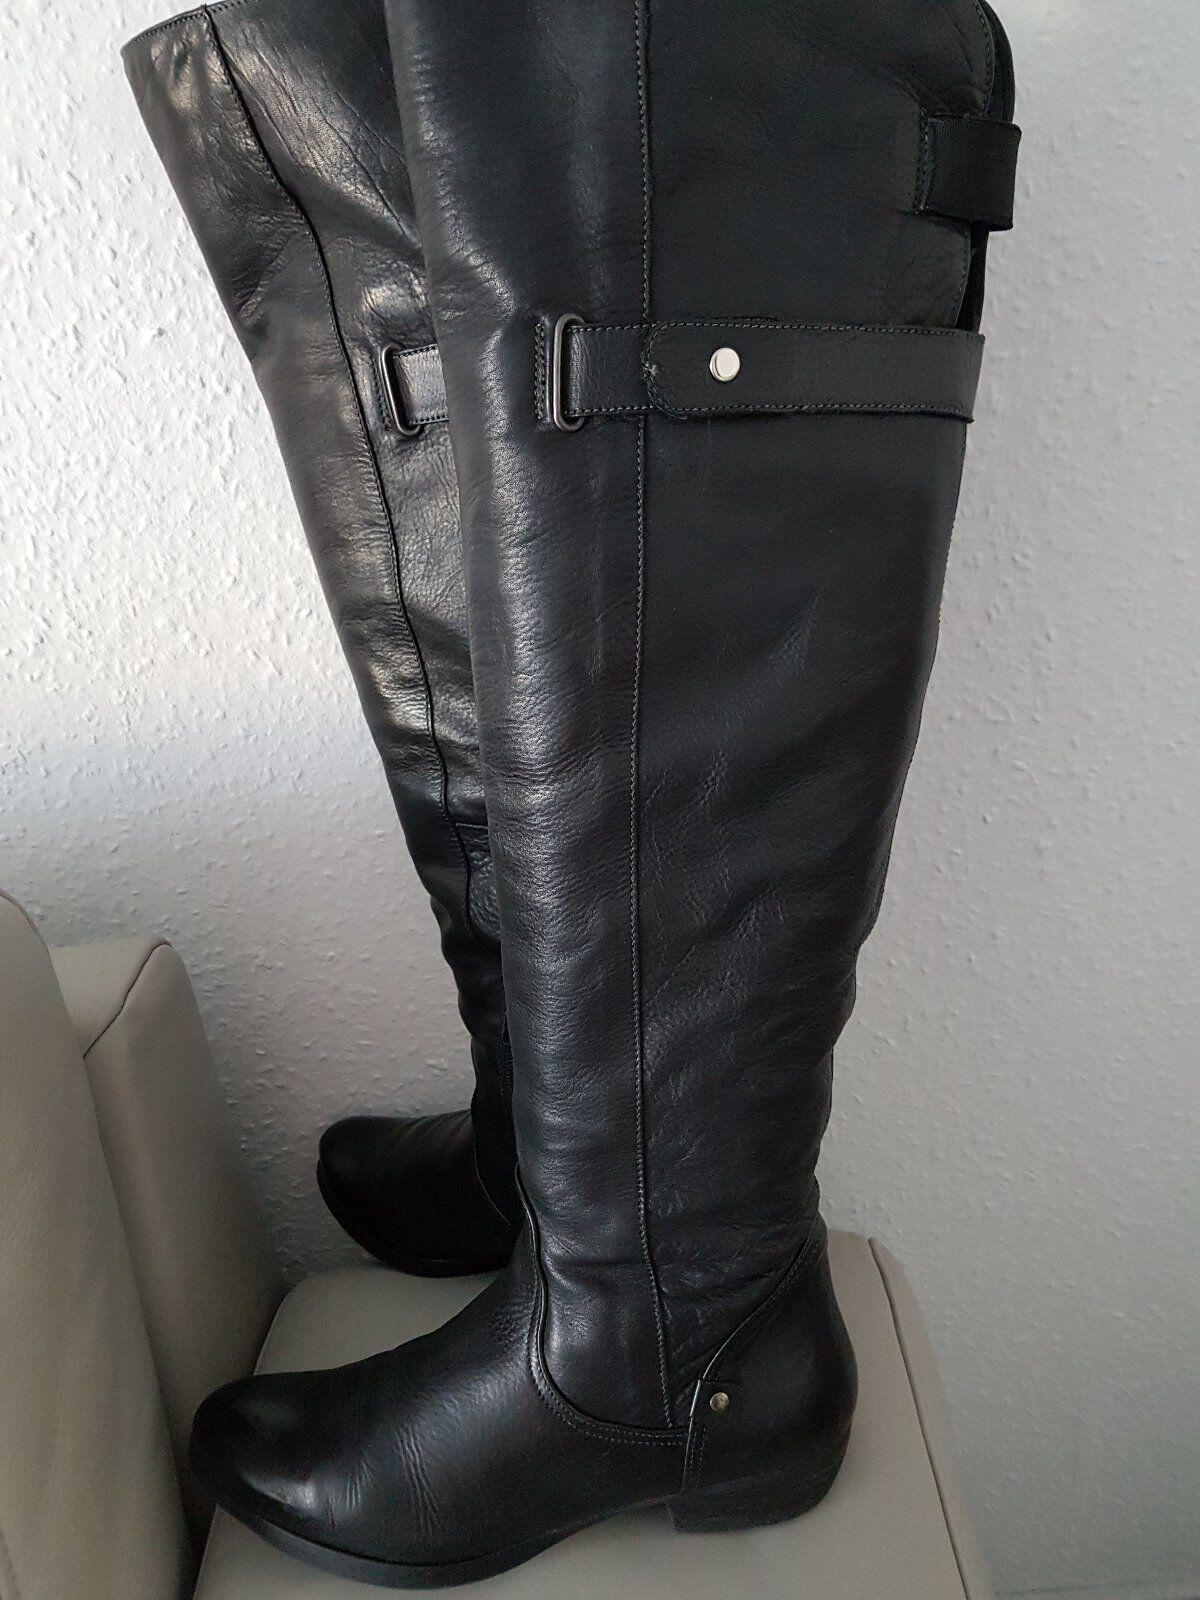 Helén Billkrantz, Stiefel, schwarz Overknees  Leder Leder Leder Gr.37  Bestellen Sie jetzt die niedrigsten Preise